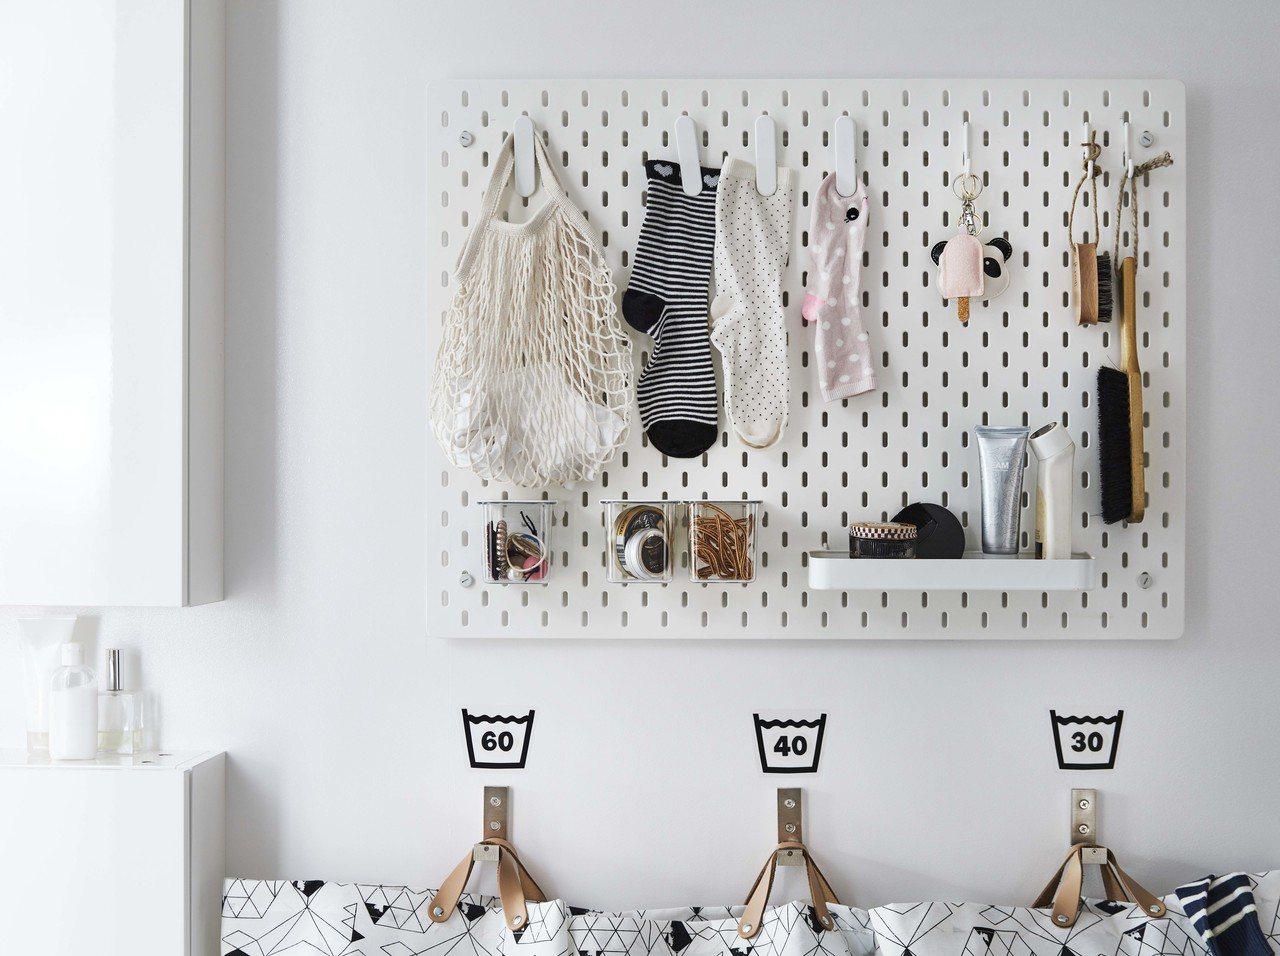 IKEA SKADIS收納壁板可安裝在木工台旁或浴室、玄關、辦公室、書桌等牆面,...